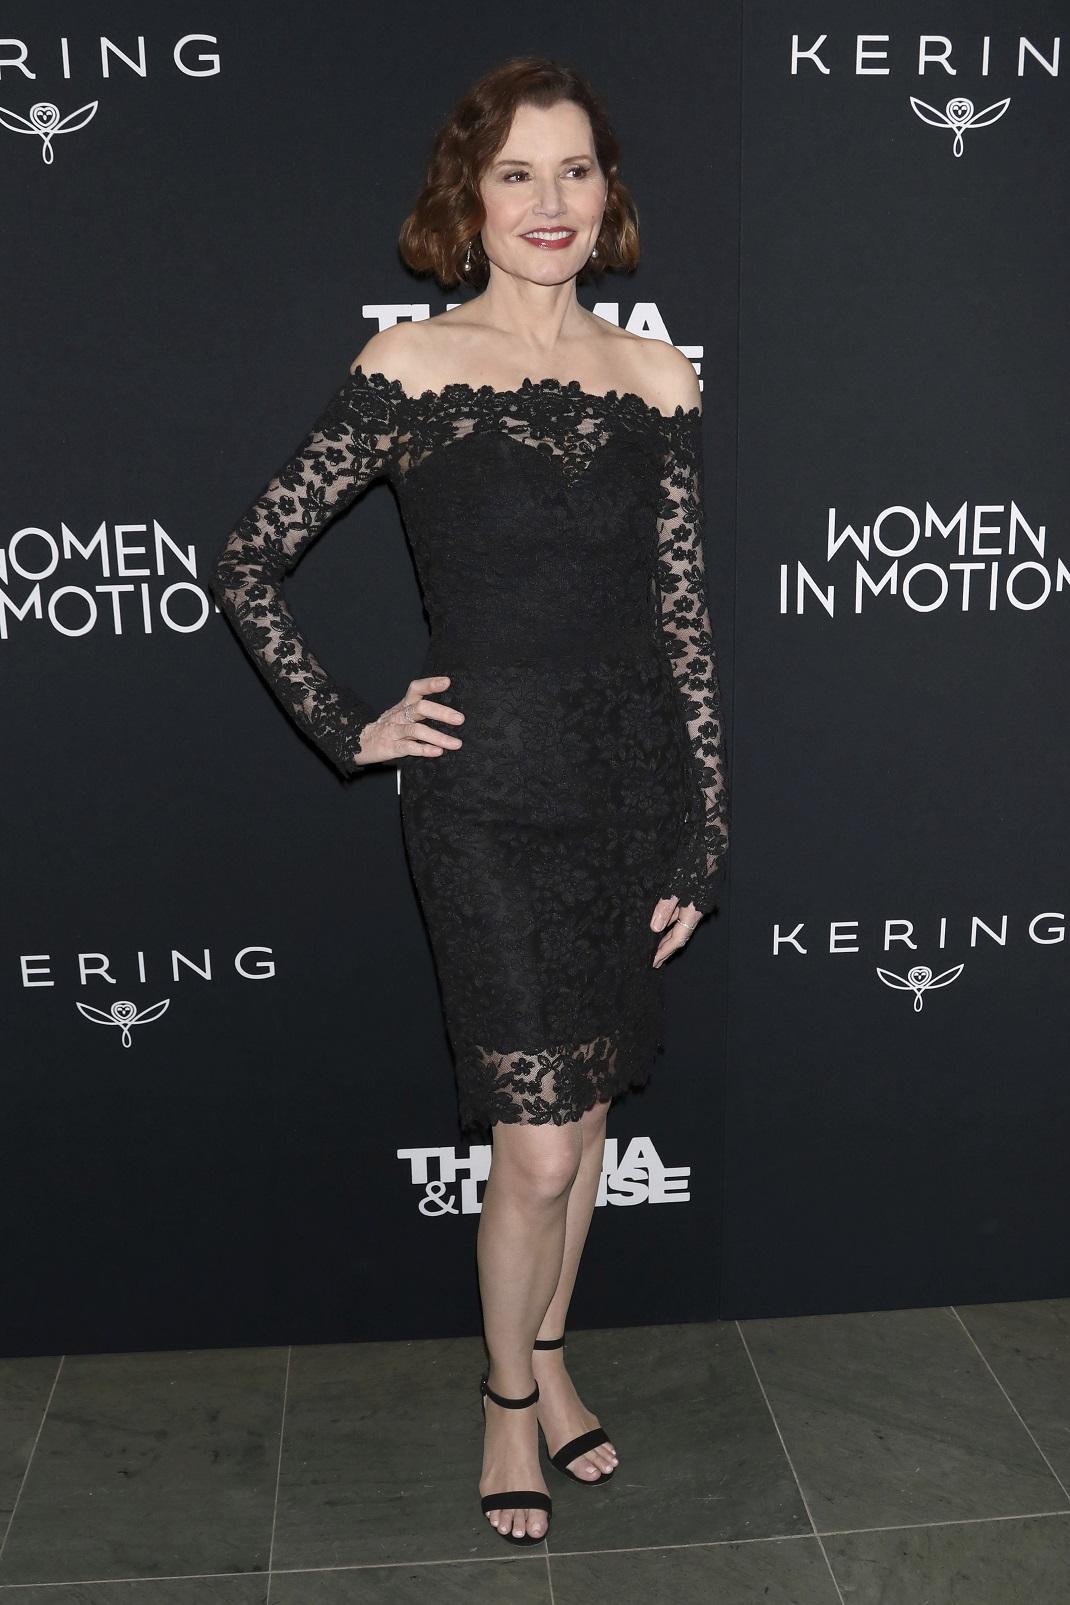 Η Τζίνα Ντέιβις με μαύρο φόρεμα και μαύρα πέδιλα